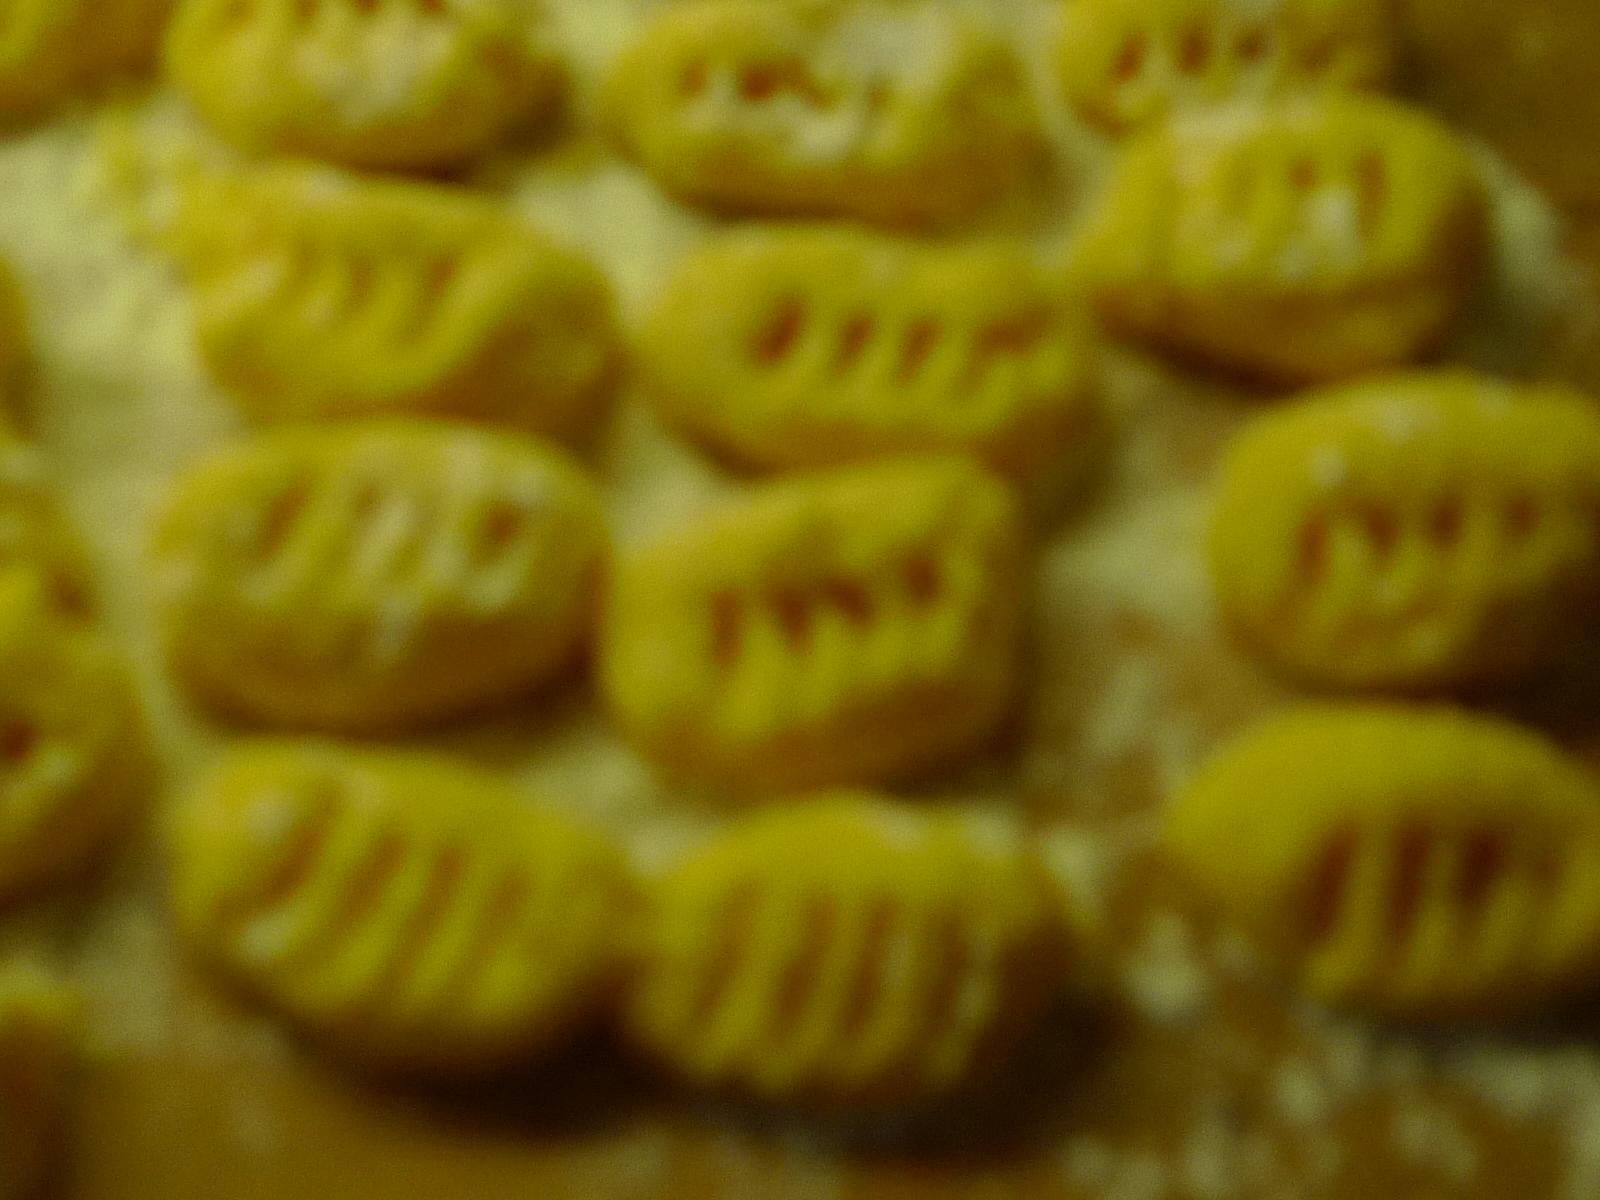 Gnocchi,Lauchgemüse,Entenkeule -7.12.14   (1a) (15)